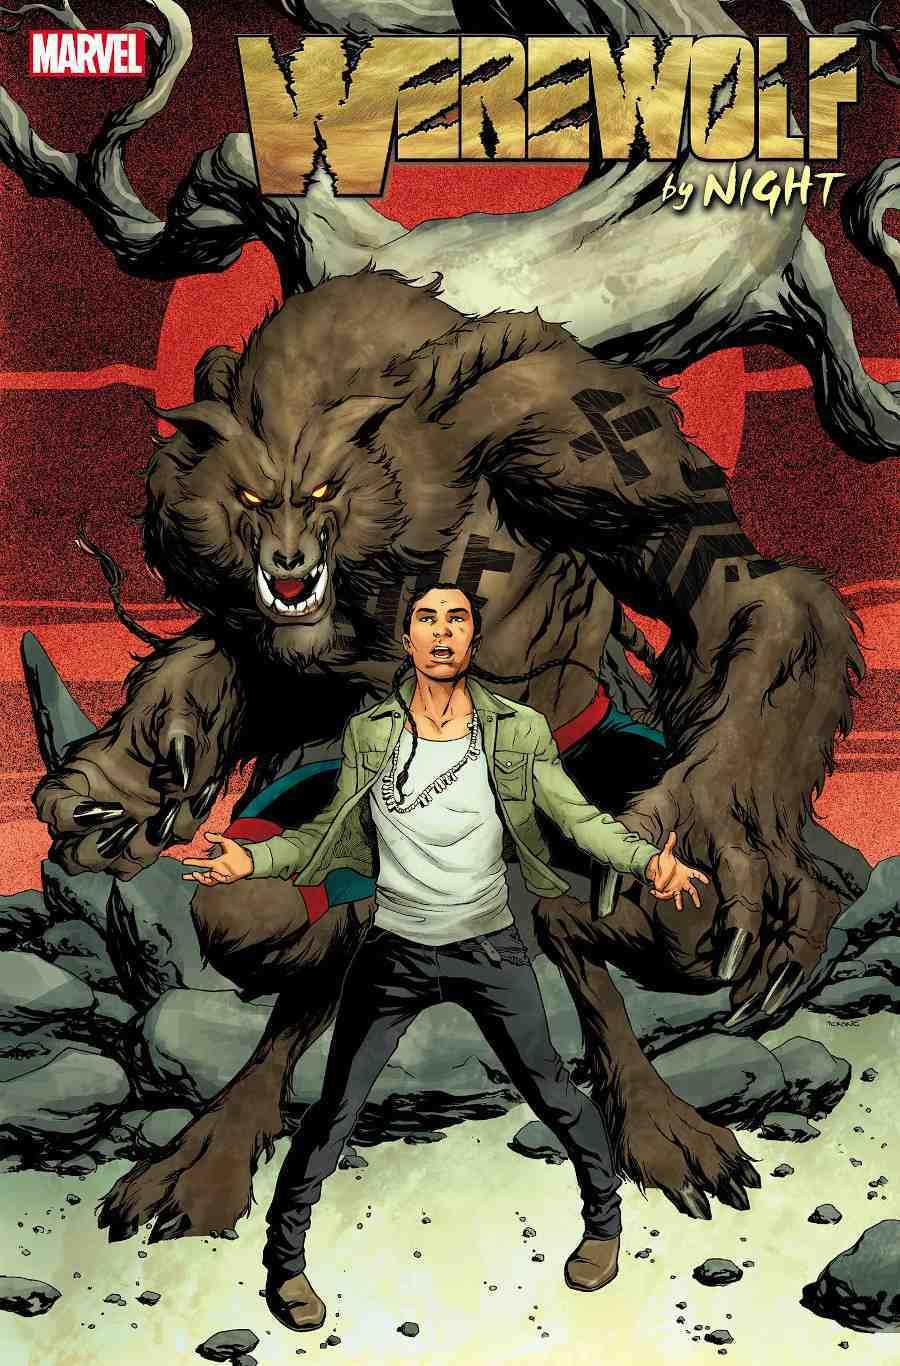 Werewolf by Night 2020 #1